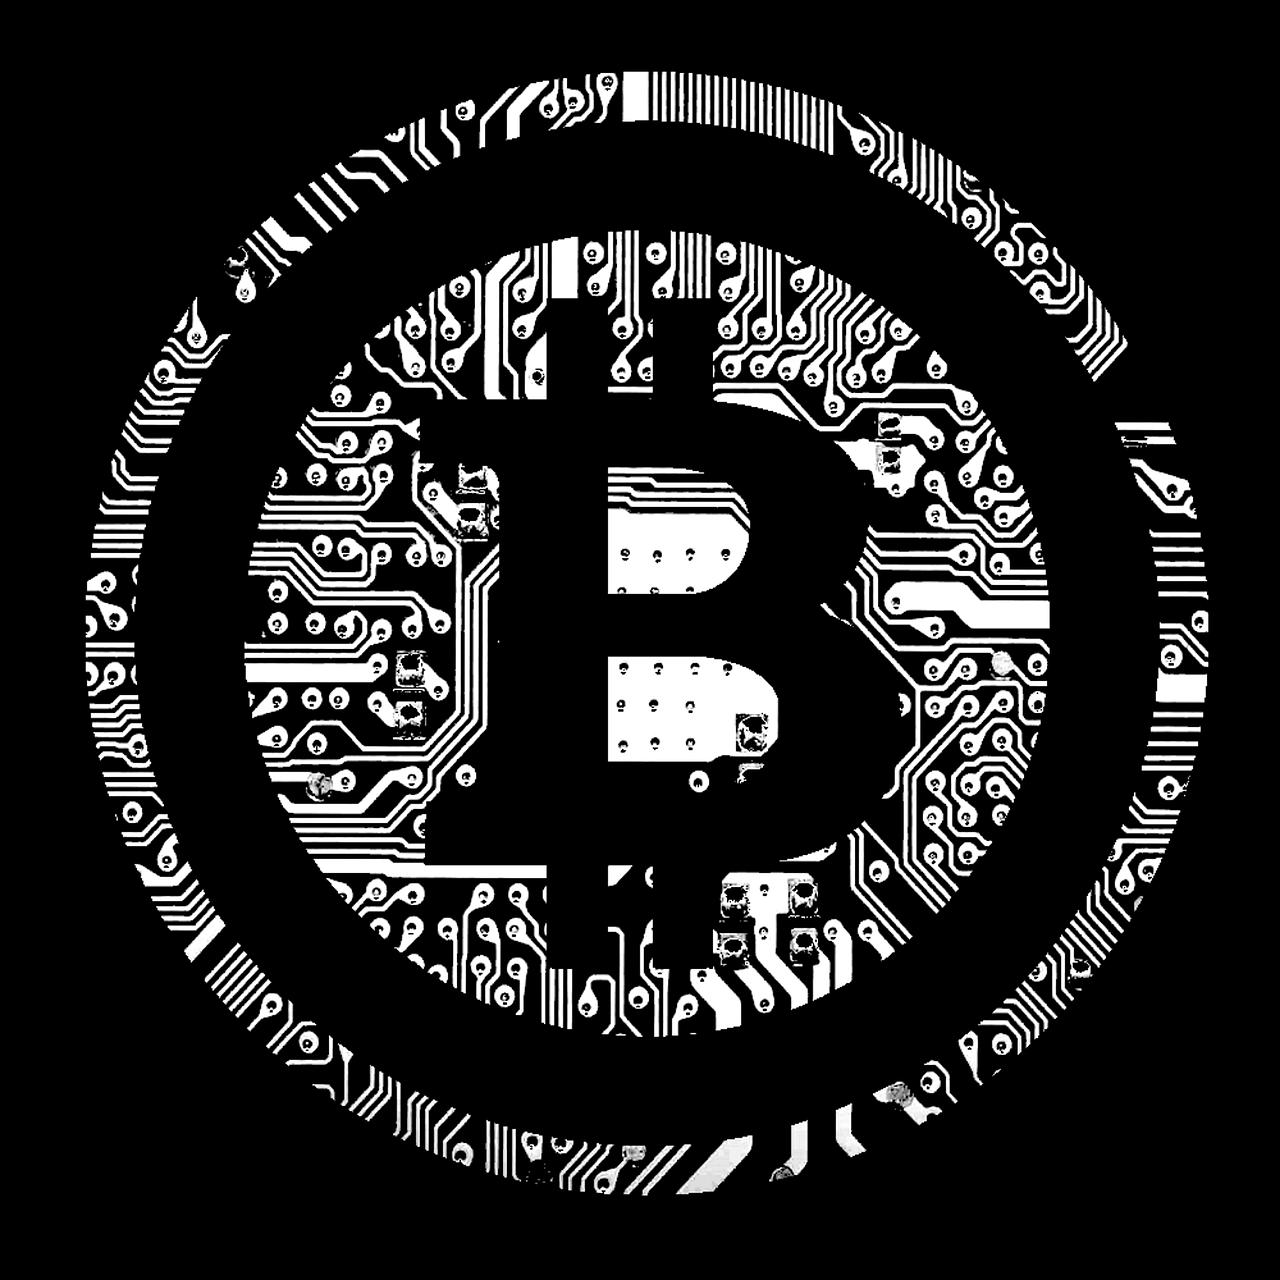 /three-ways-to-value-bitcoin-e5823bfe6540 feature image